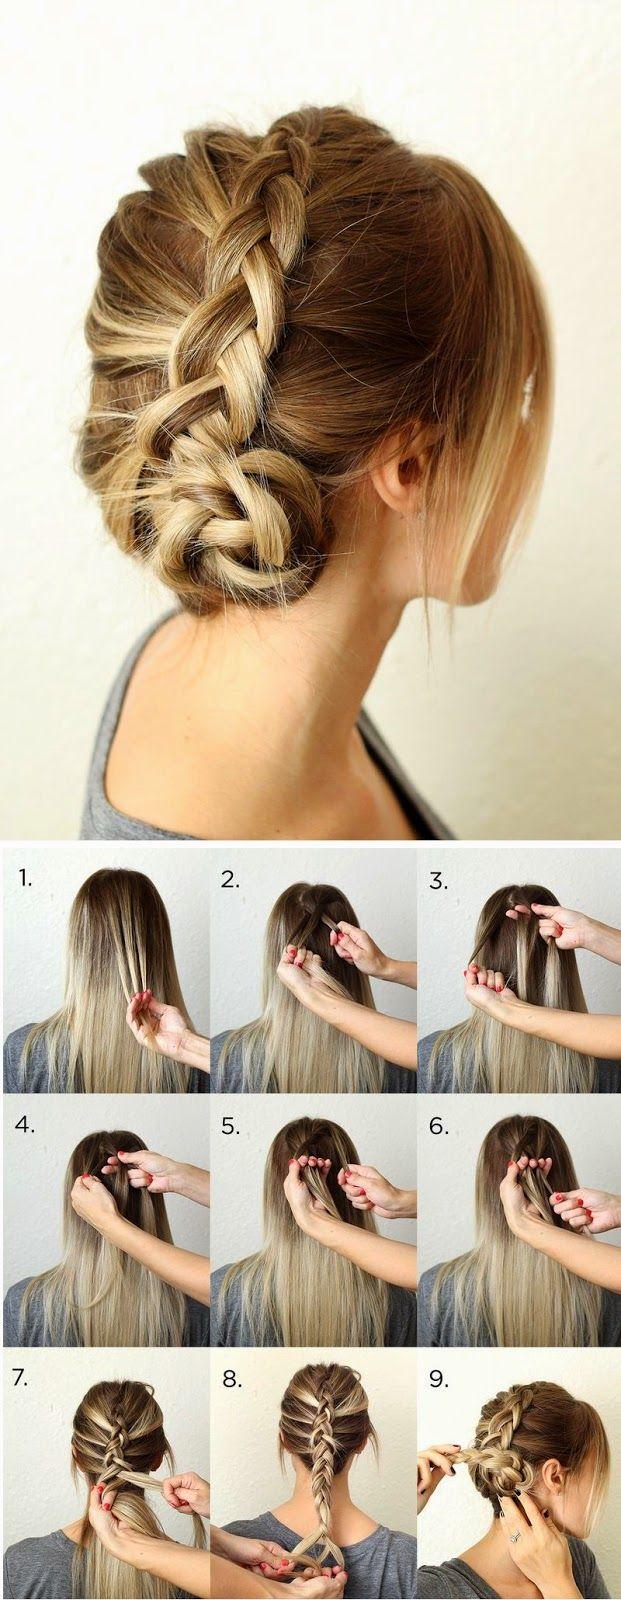 How to simple dutch braid hairstyles pinterest dutch braids